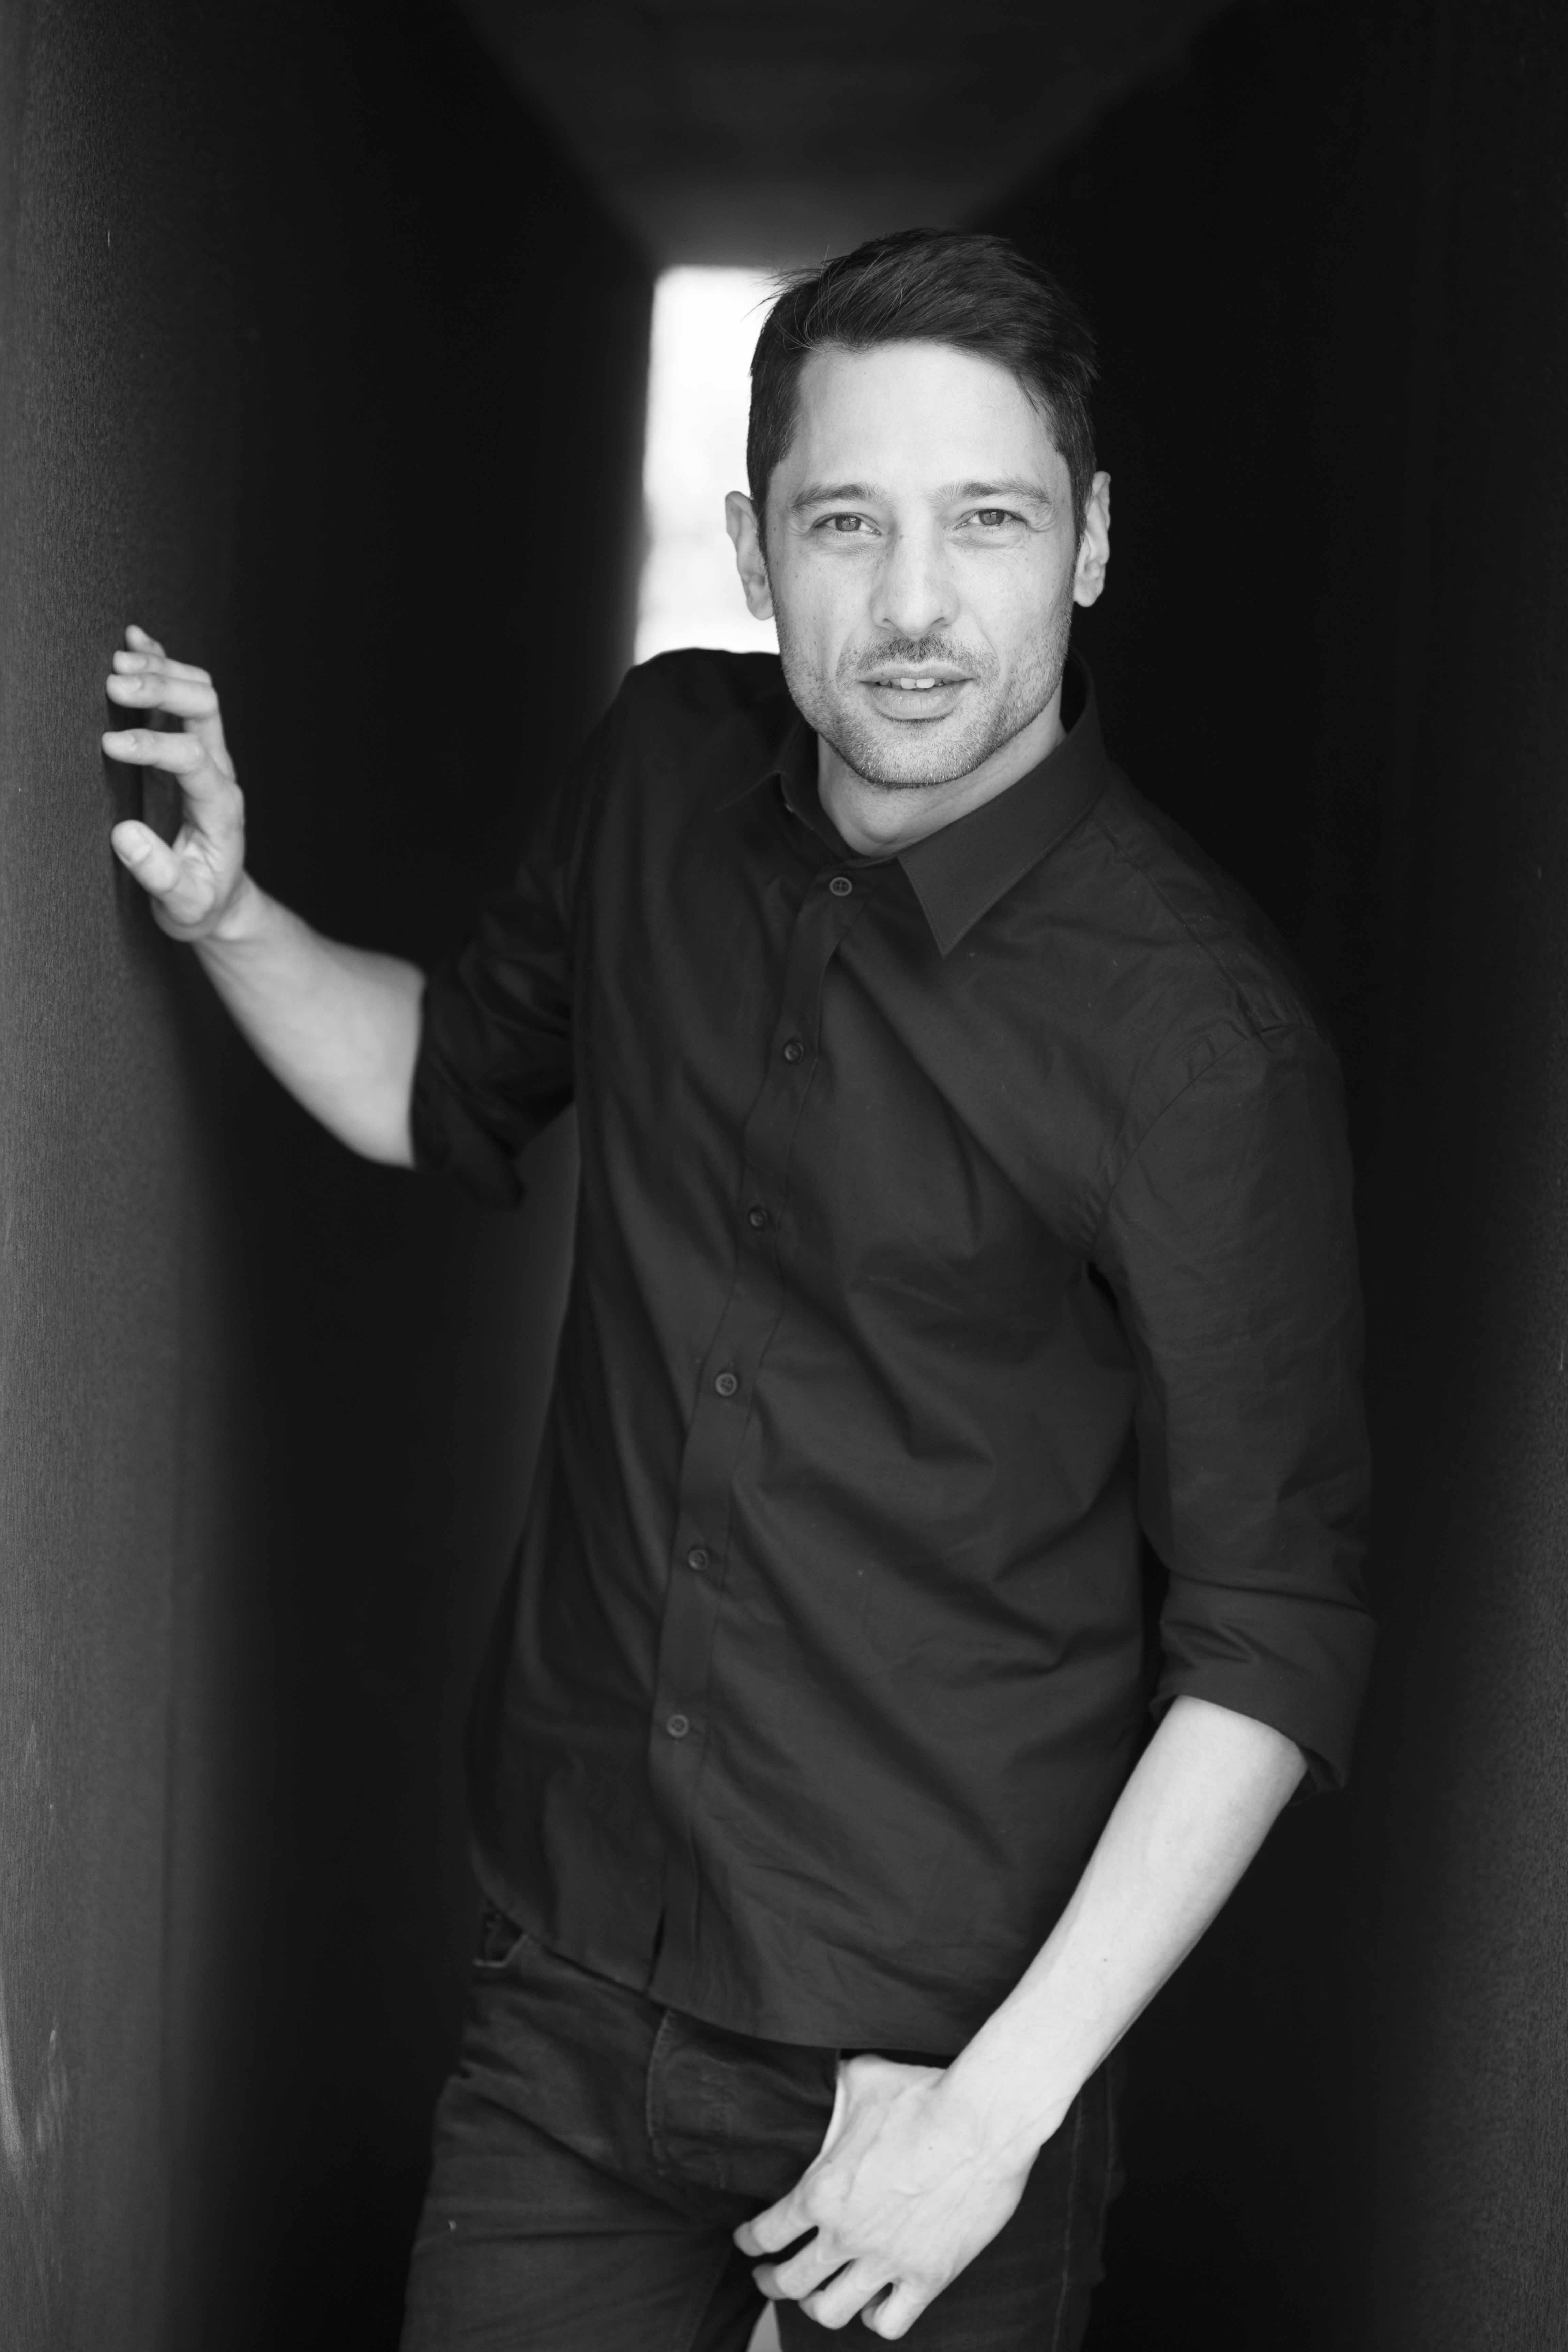 Sander van de Pavert portretfotografie